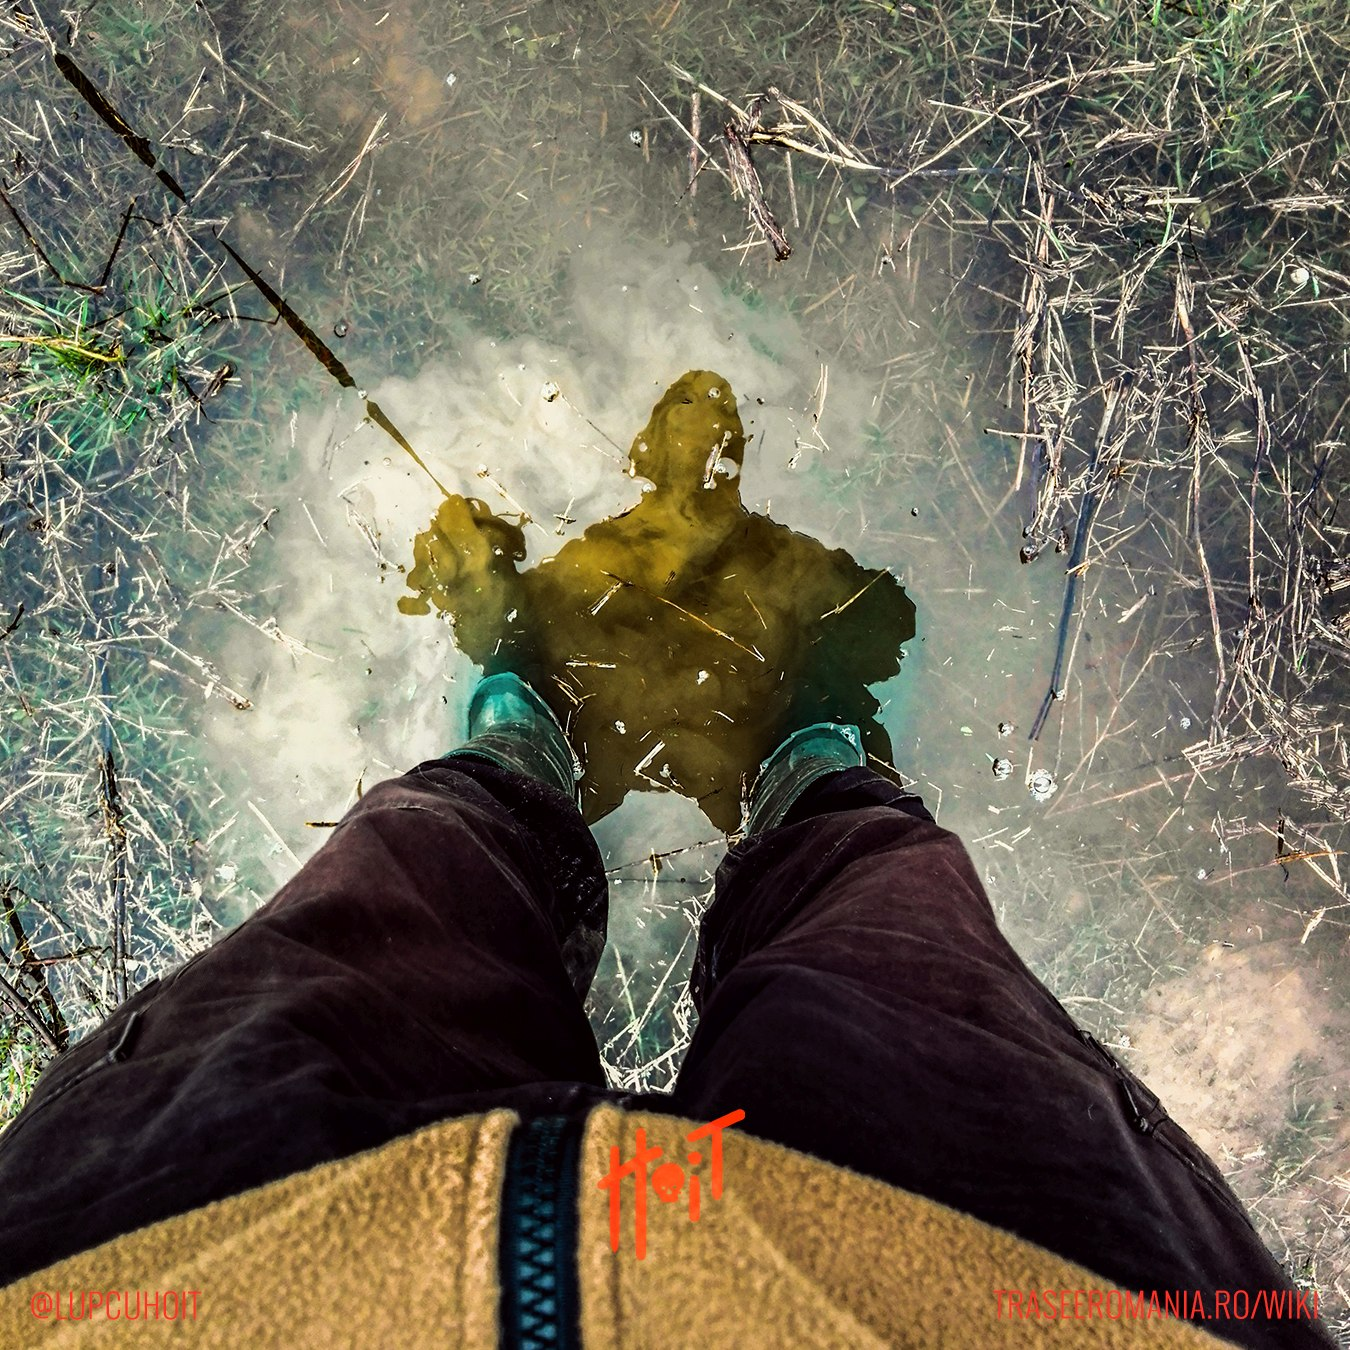 Poarta Cizme de cauciuc si pastreaza-ti picioarele uscate